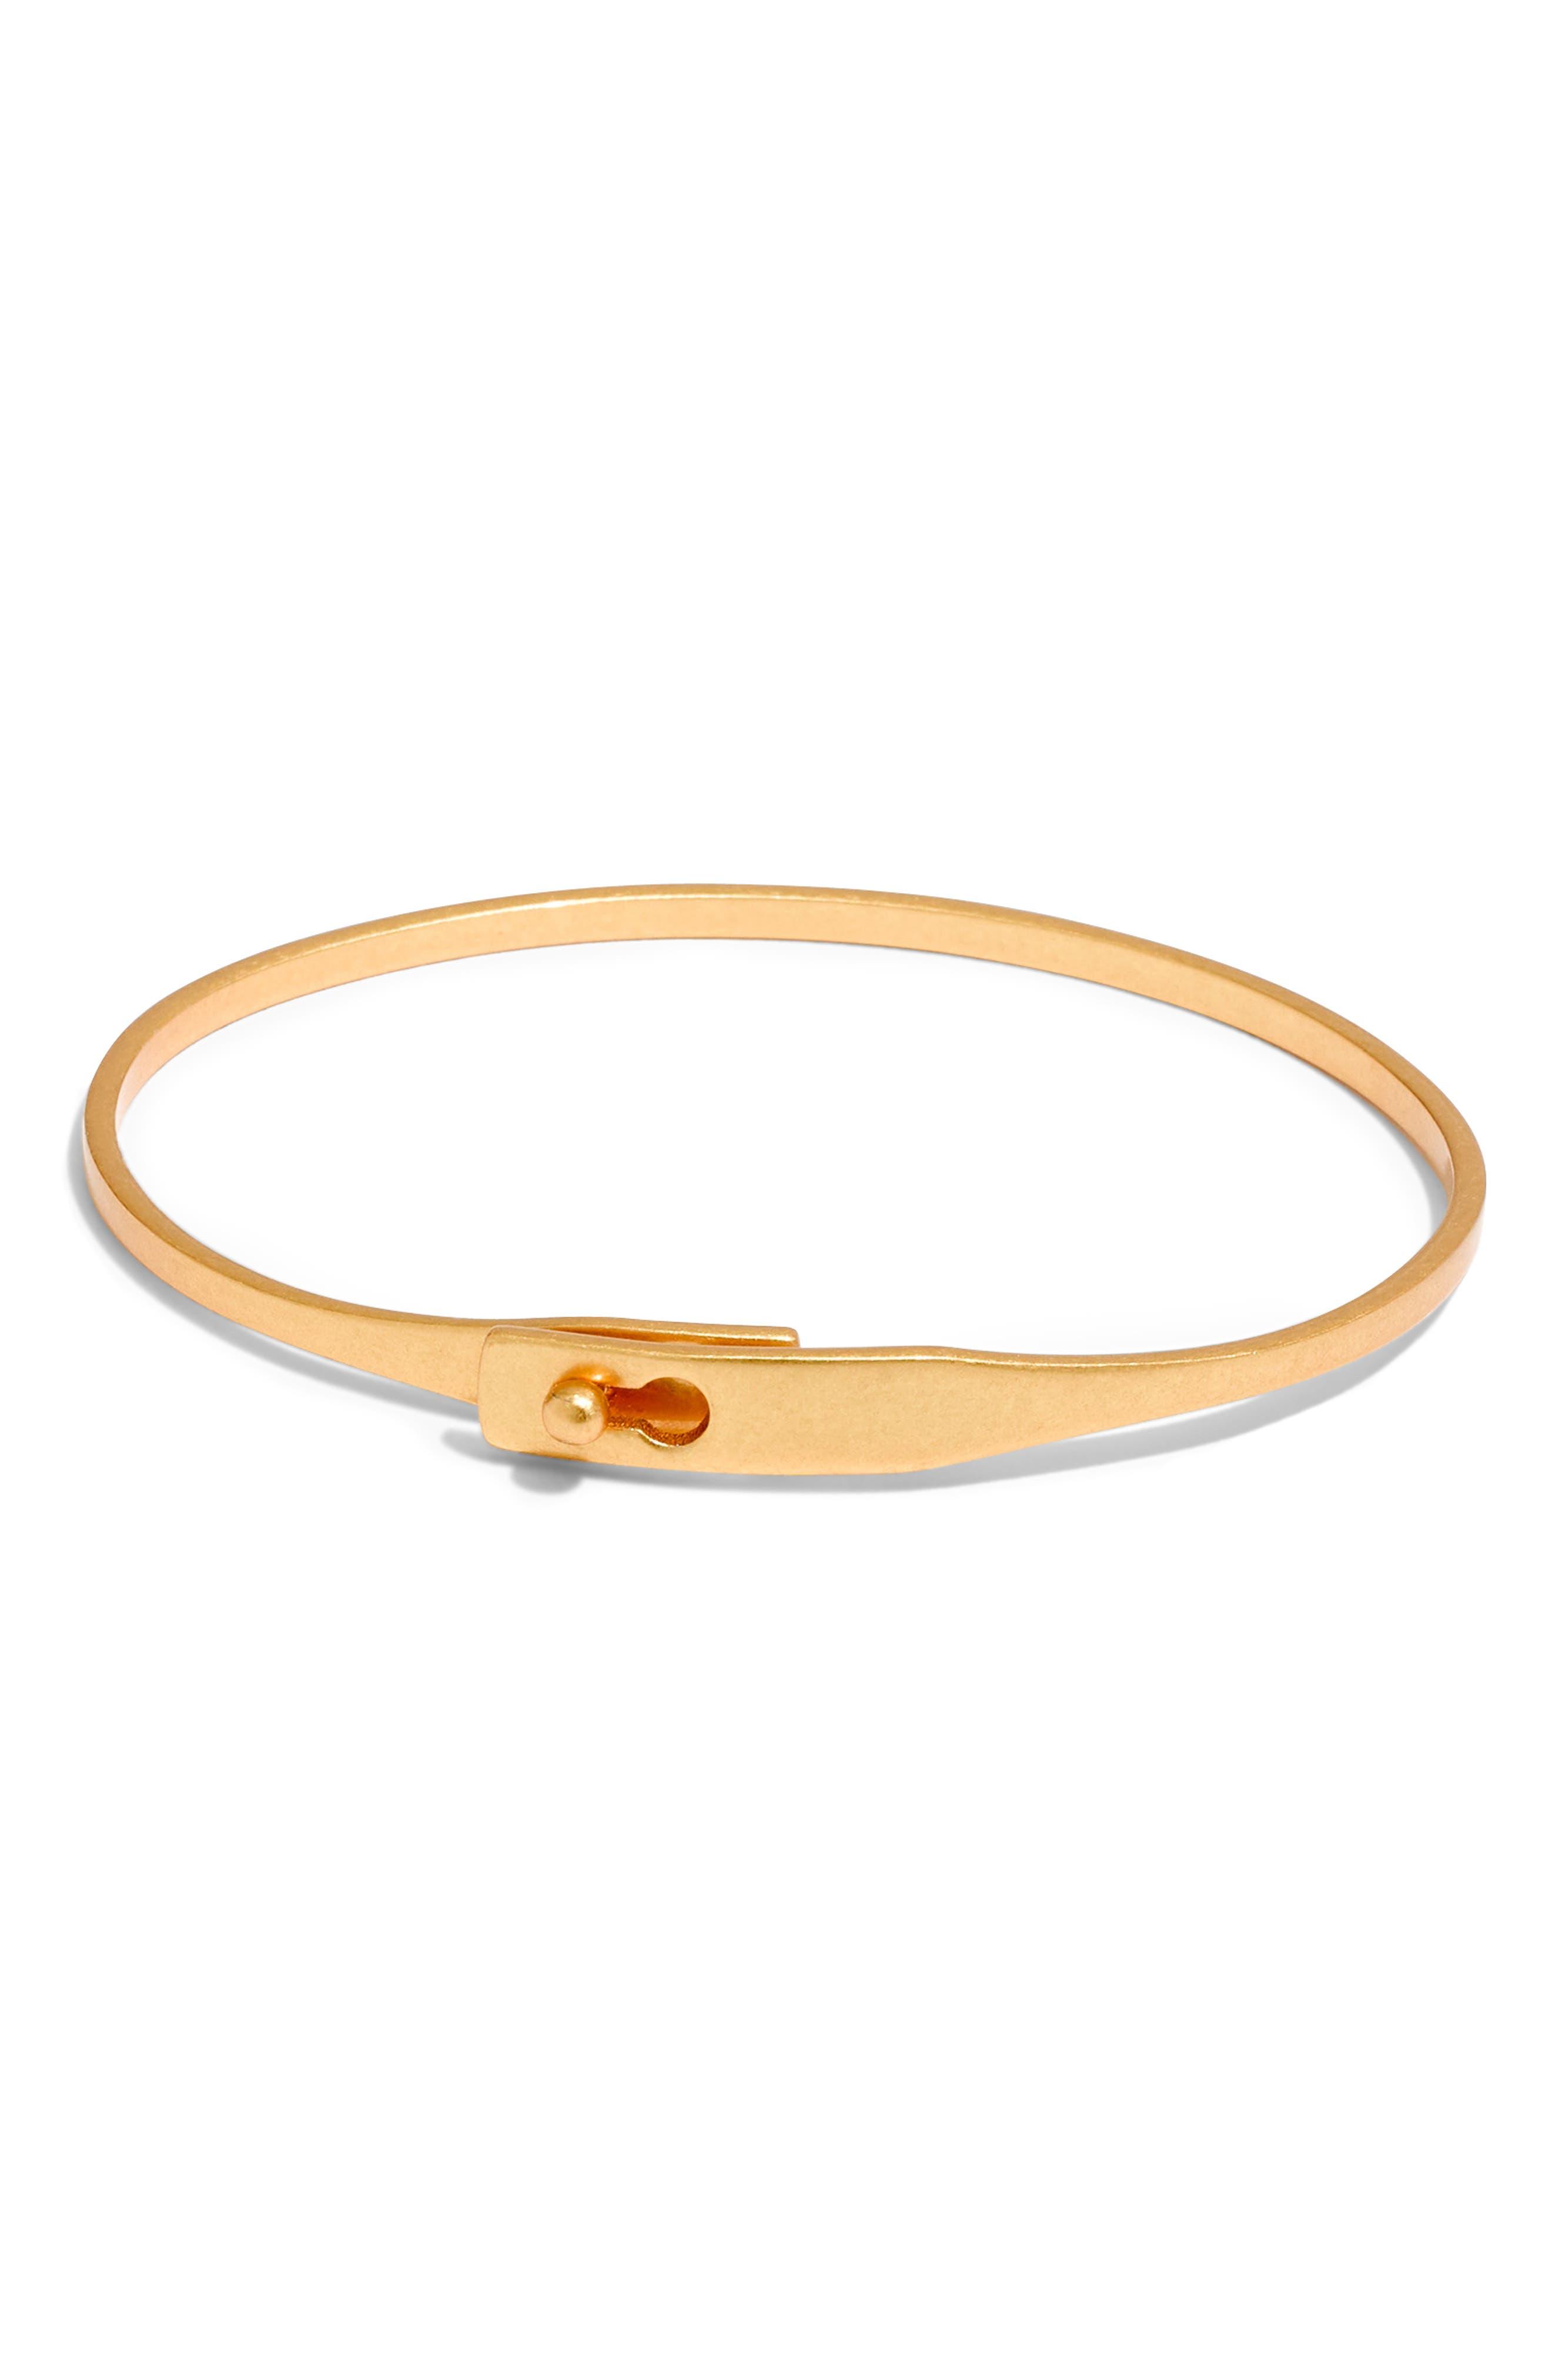 MADEWELL Delicate Glider Bangle Bracelet, Main, color, VINTAGE GOLD